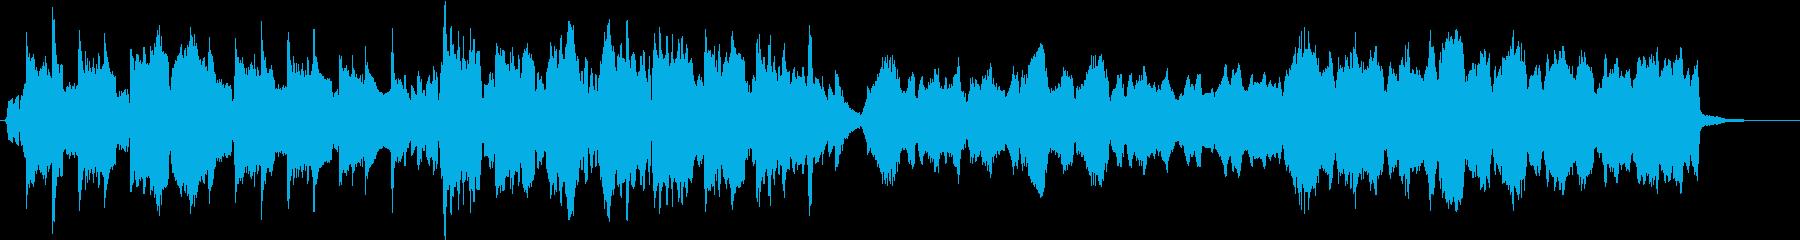 クラリネットを中心としたオーケストラの再生済みの波形